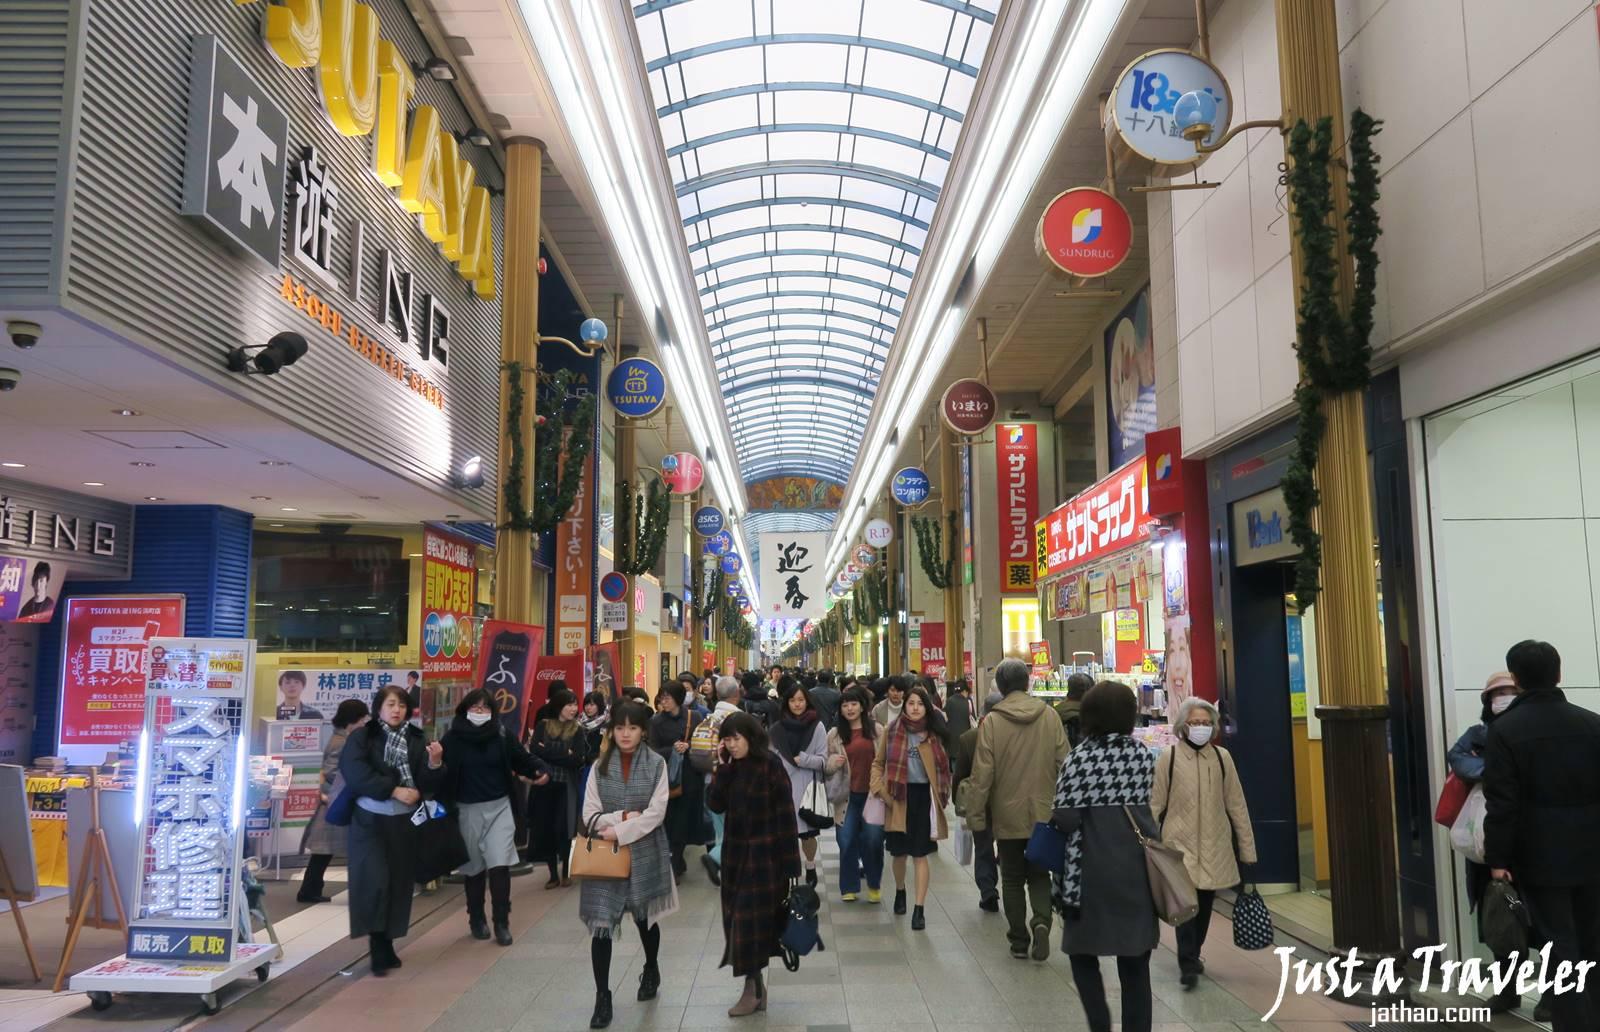 長崎-景點-推薦-觀光通商店街-長崎必玩景點-長崎必去景點-長崎好玩景點-市區-攻略-長崎自由行景點-長崎旅遊景點-長崎觀光景點-長崎行程-長崎旅行-日本-Nagasaki-Tourist-Attraction